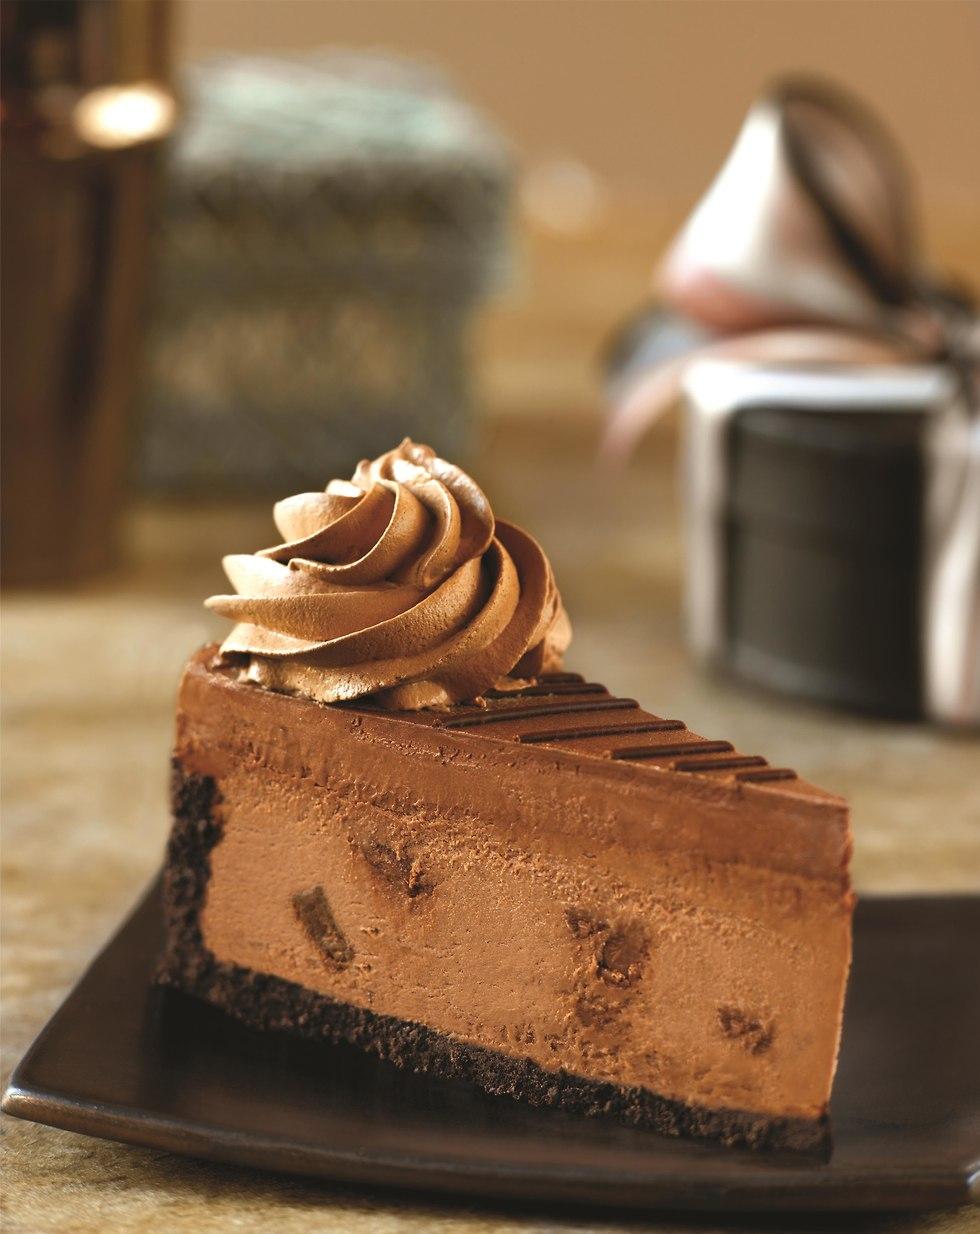 עוגה של צ'יז קייק פקטורי (צילום: יח